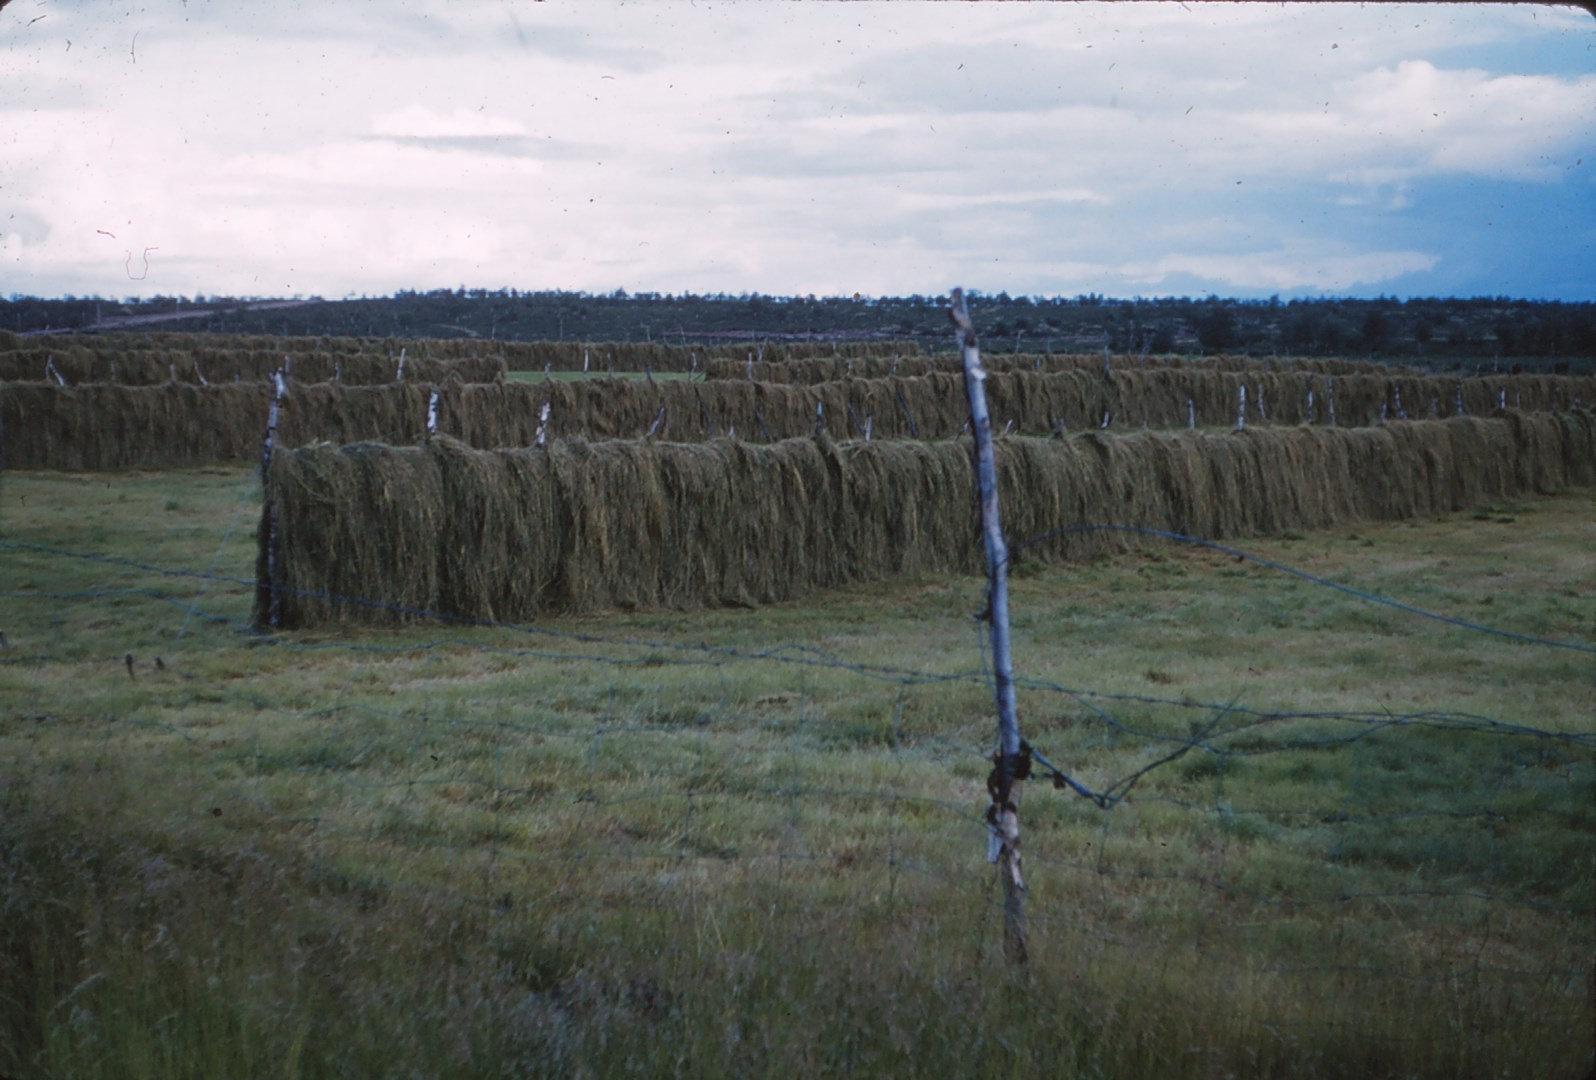 1087 (13) Siebe Gras op droogrekken